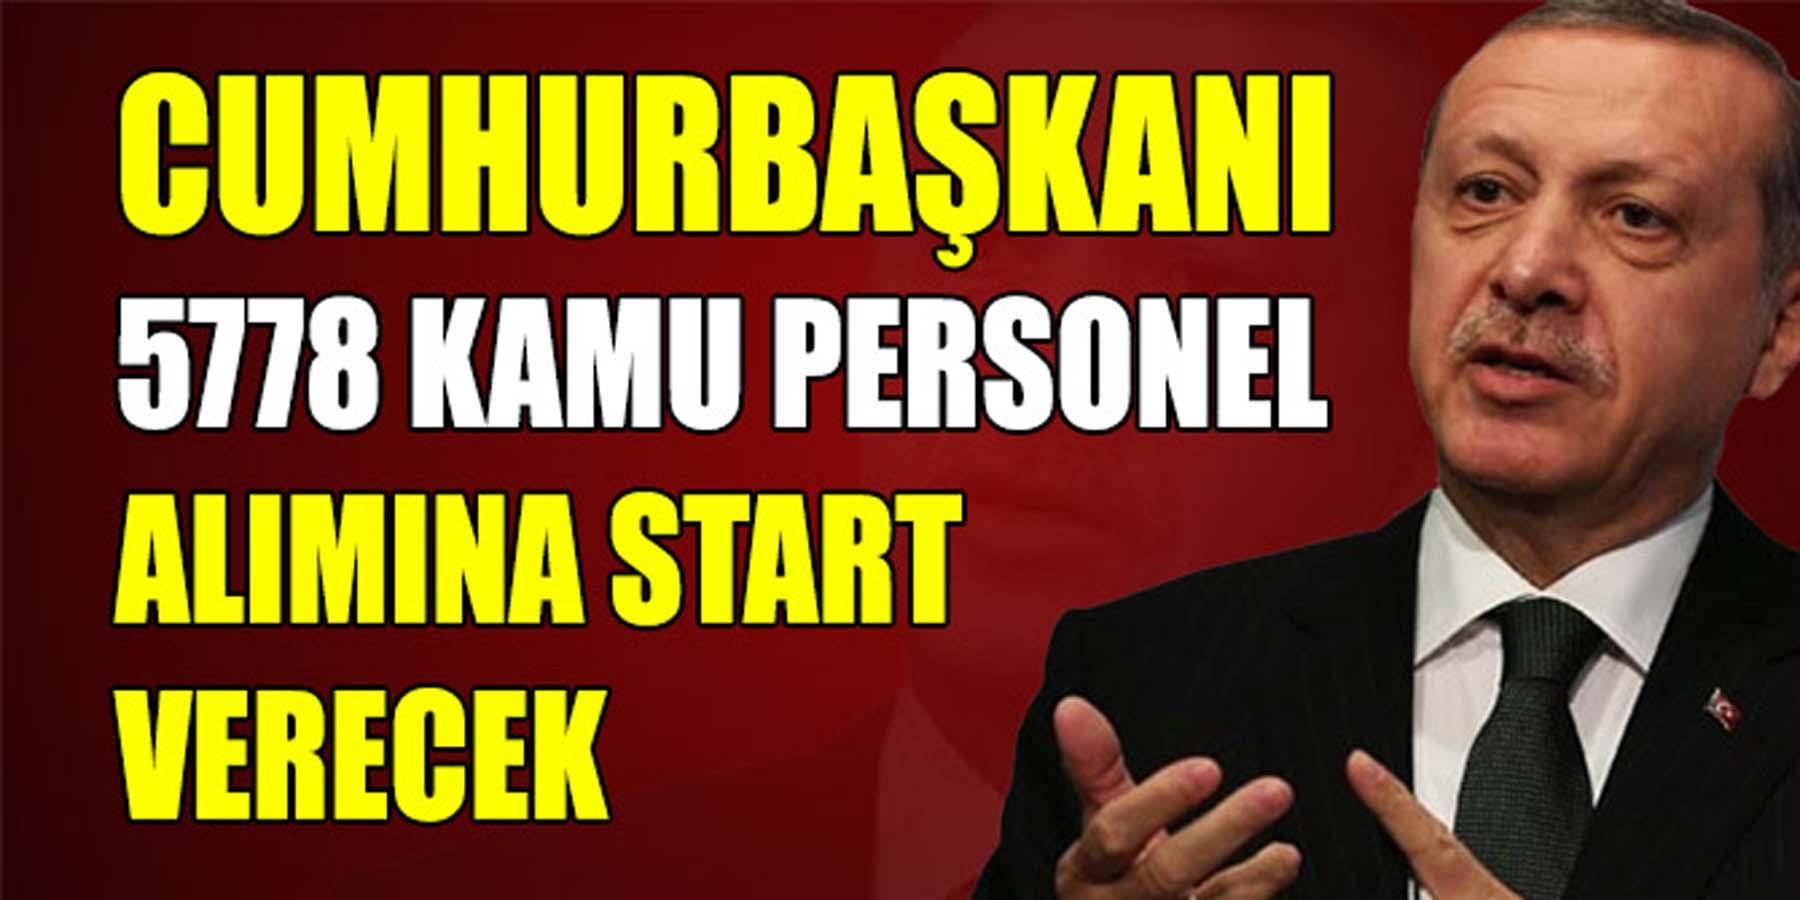 Cumhurbaşkanı Erdoğan 5778 Kamu Personel Alımı'na Start Verecek